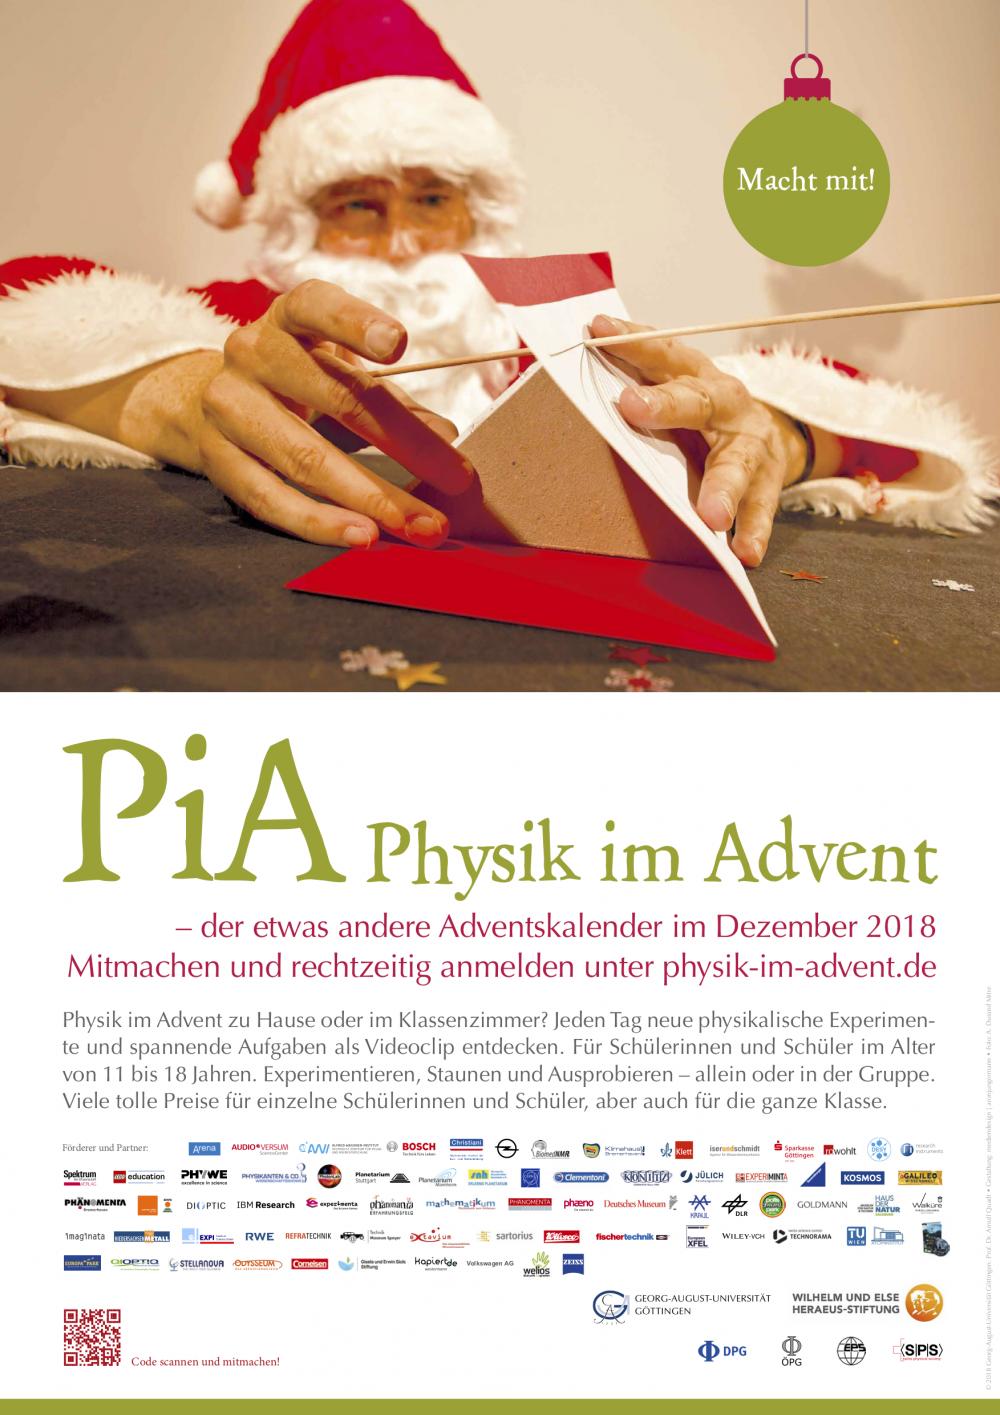 Physik im Advent – noch 24 Experimente bis Weihnachten – Couven ...